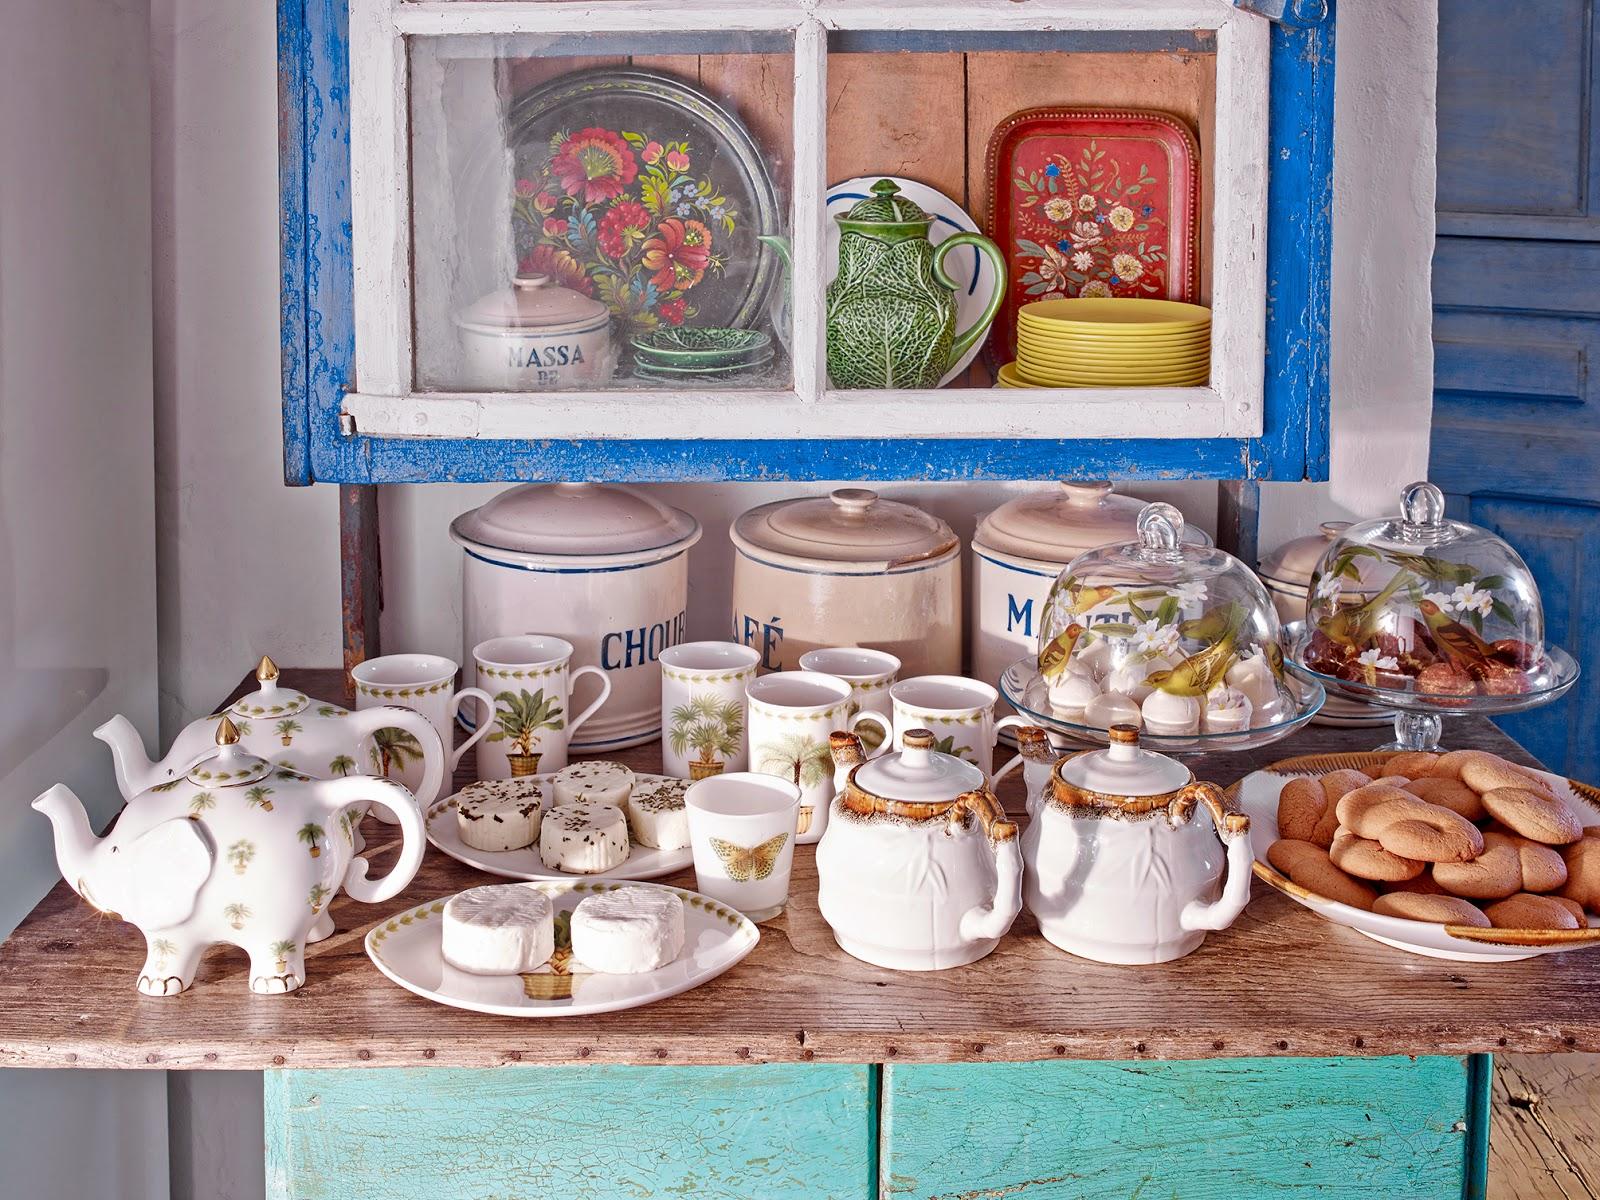 Zara home interior design - Visit Zarahome Com For More